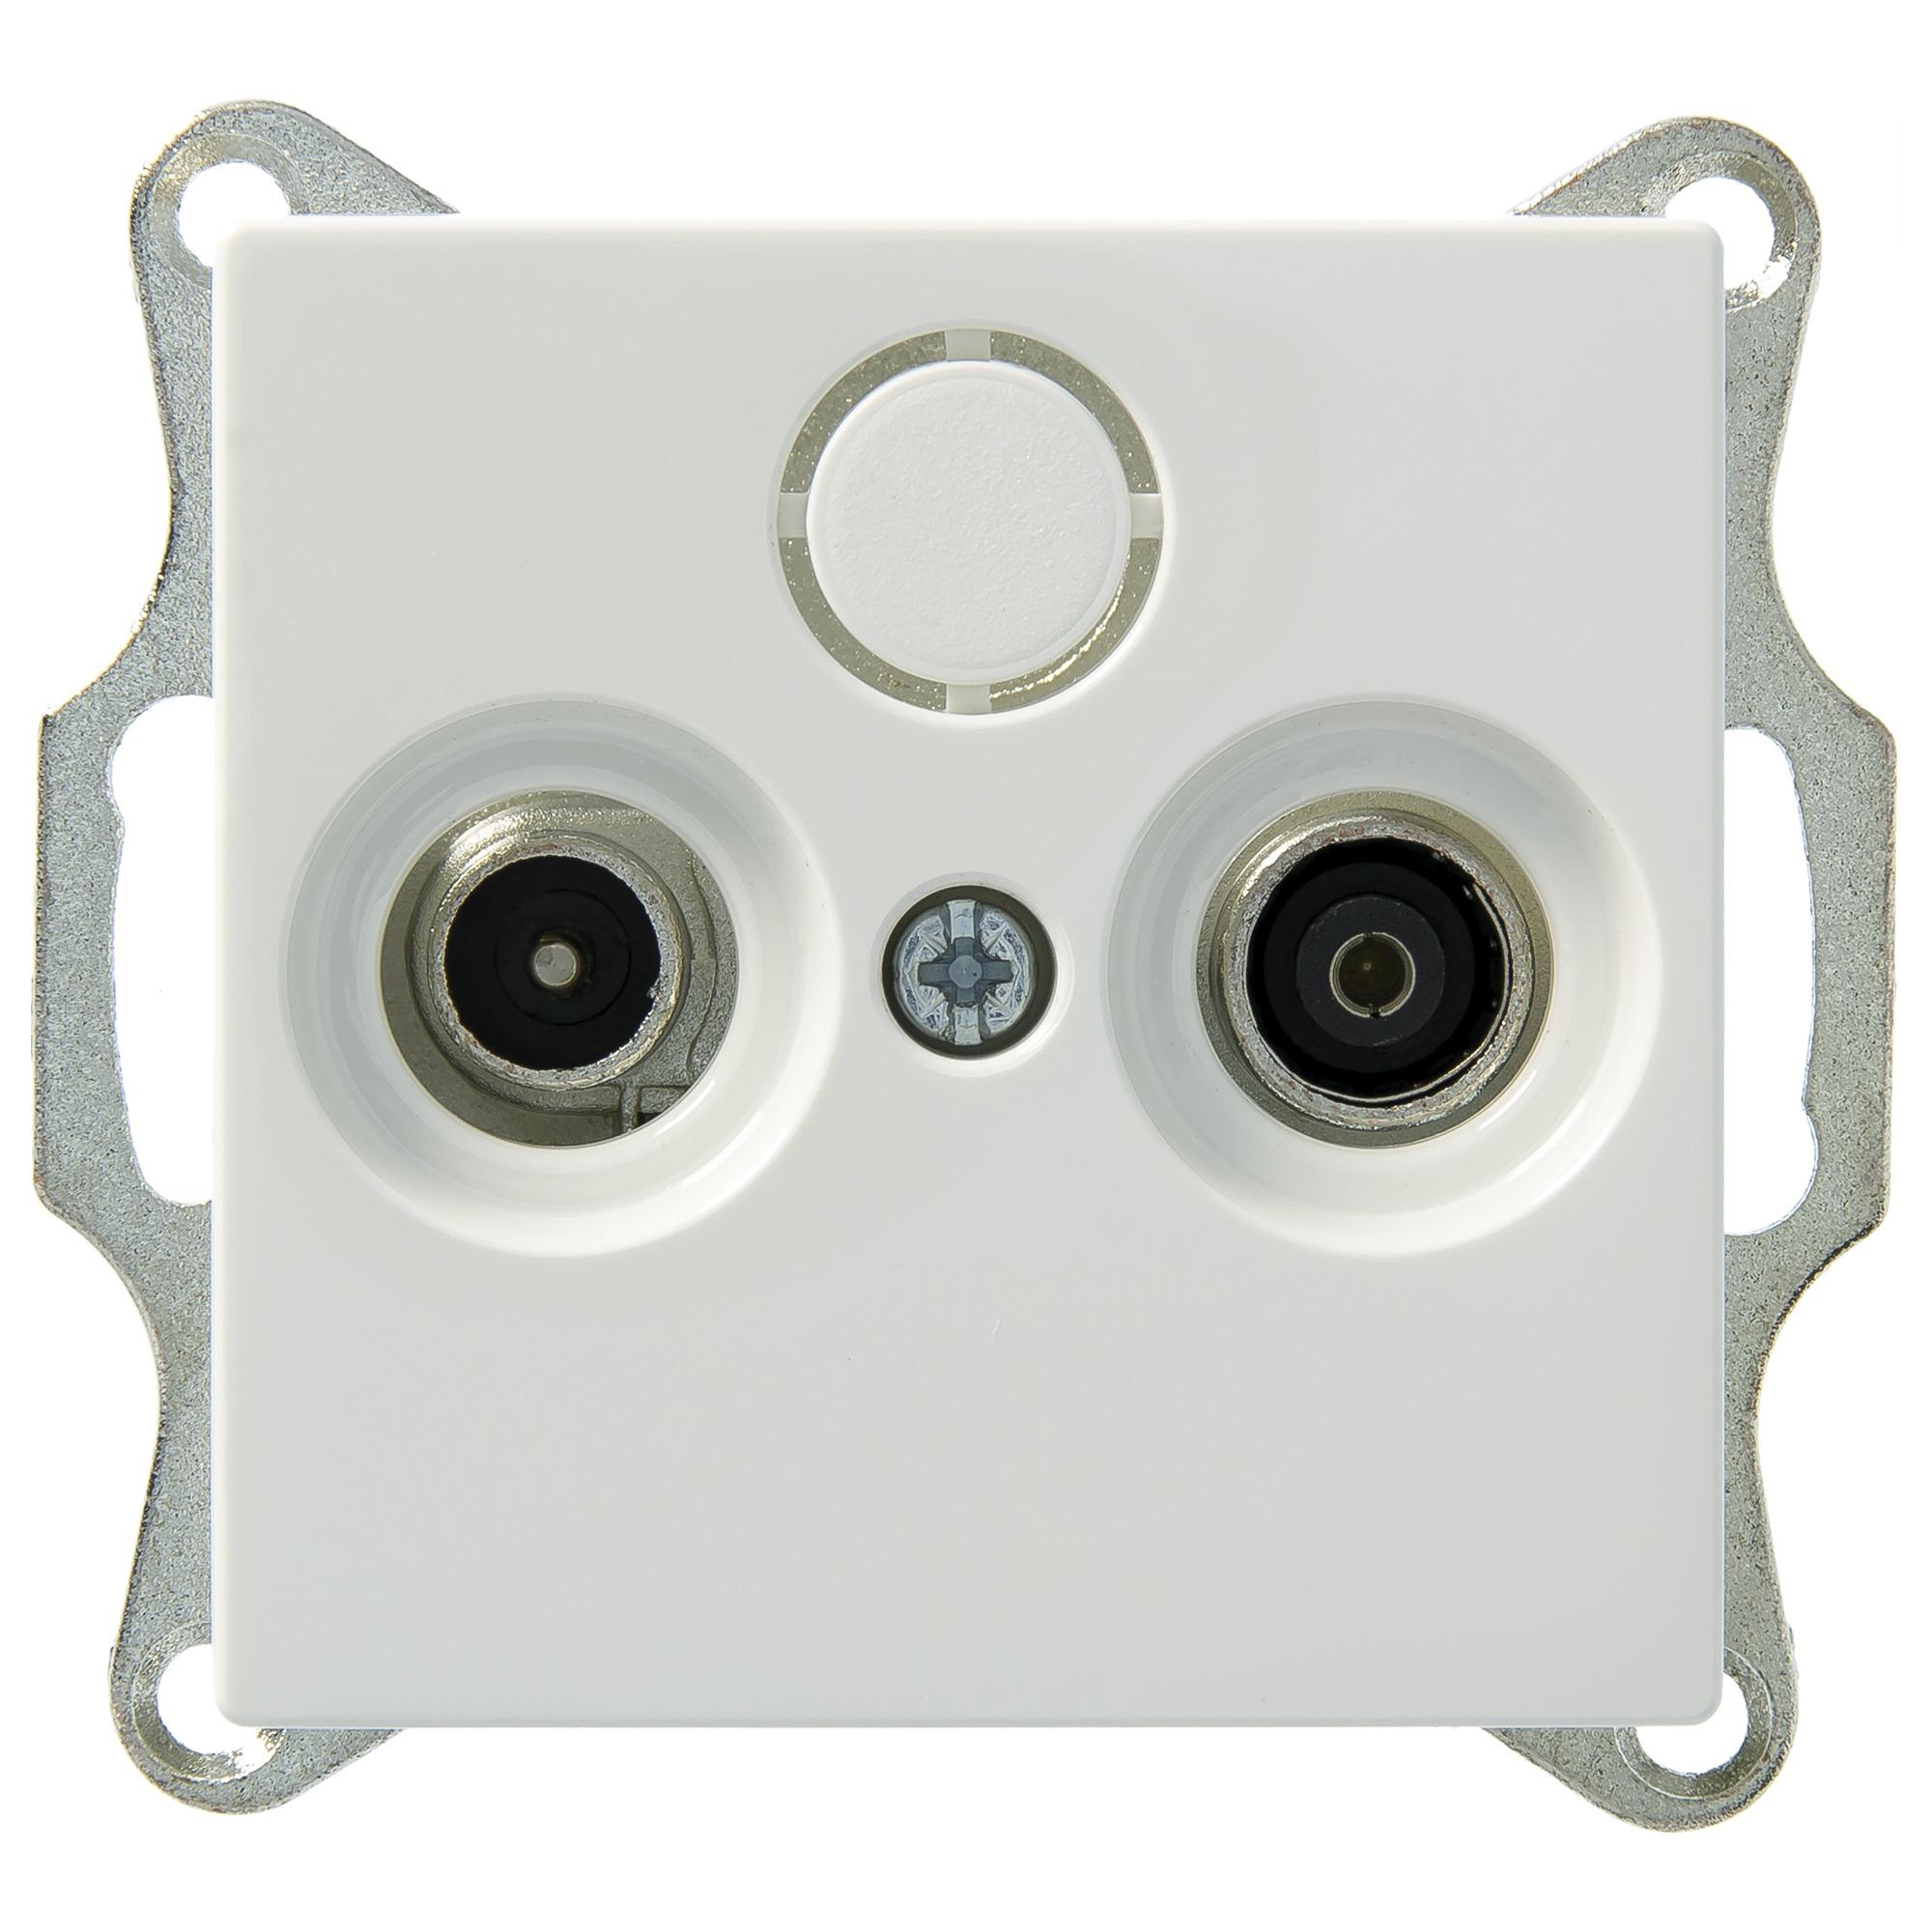 Merten System M contactdoos inbouw coax in blister wit